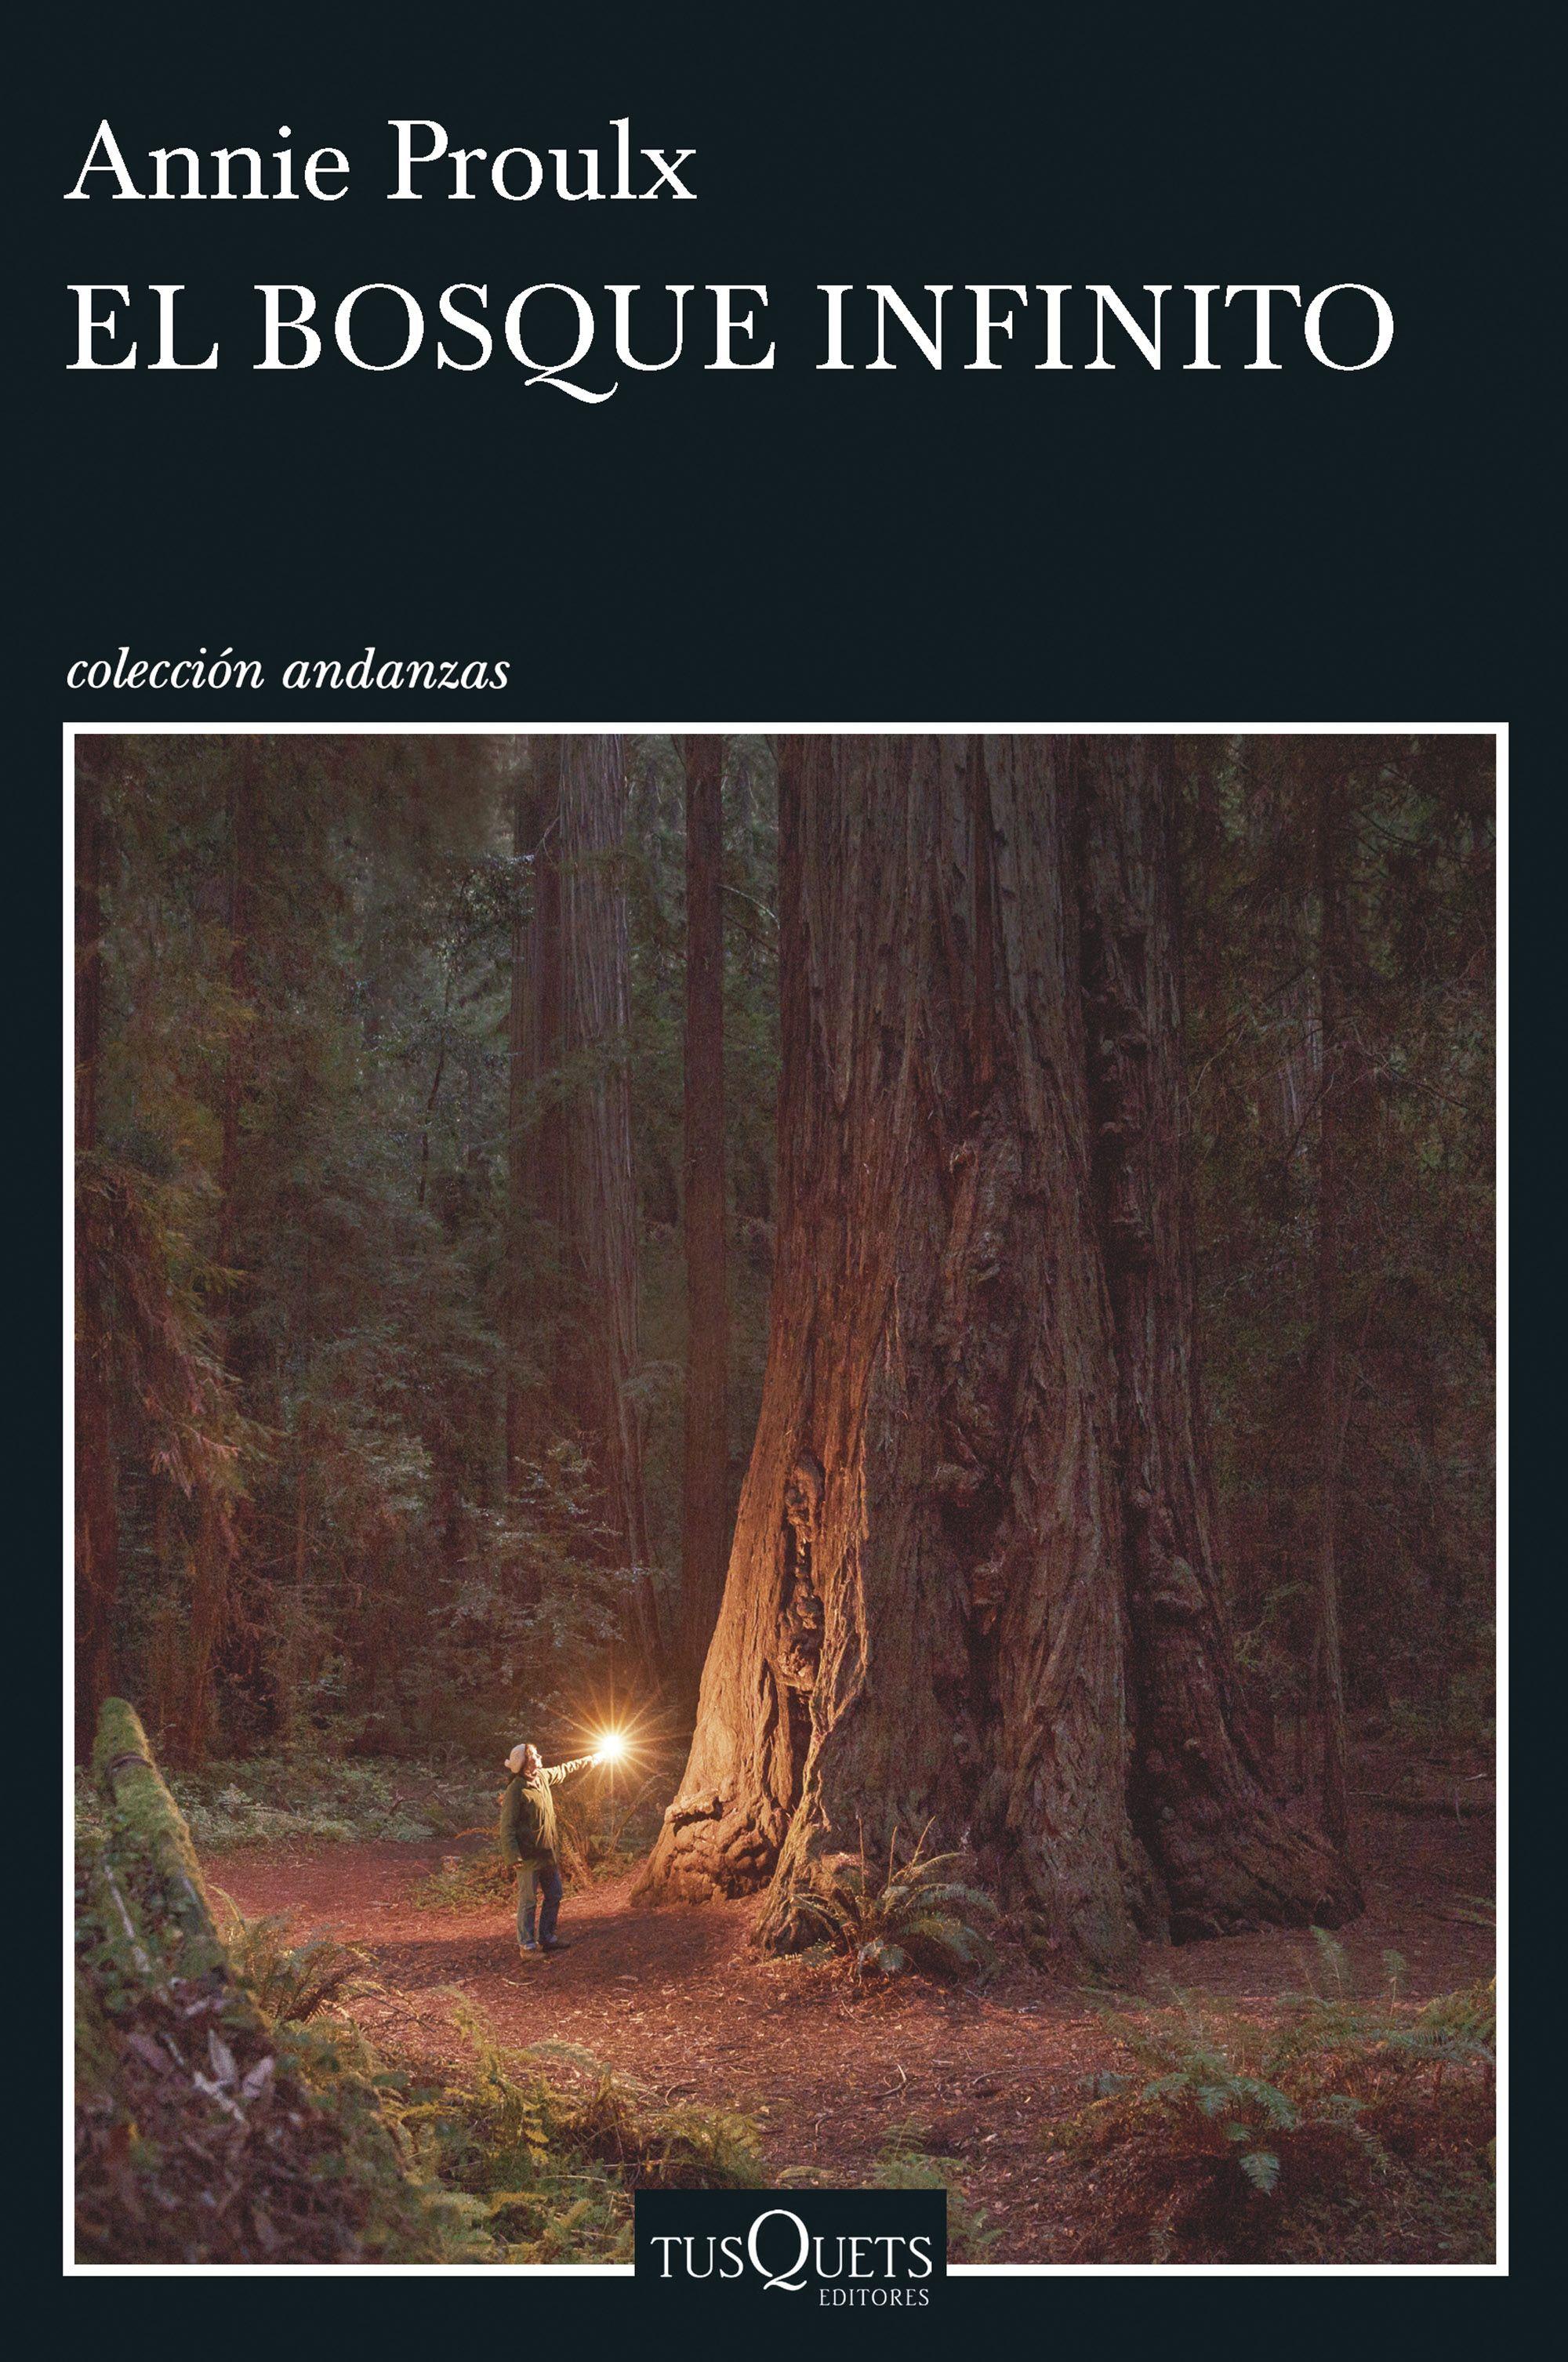 Resultado de imagen de el bosque infinito